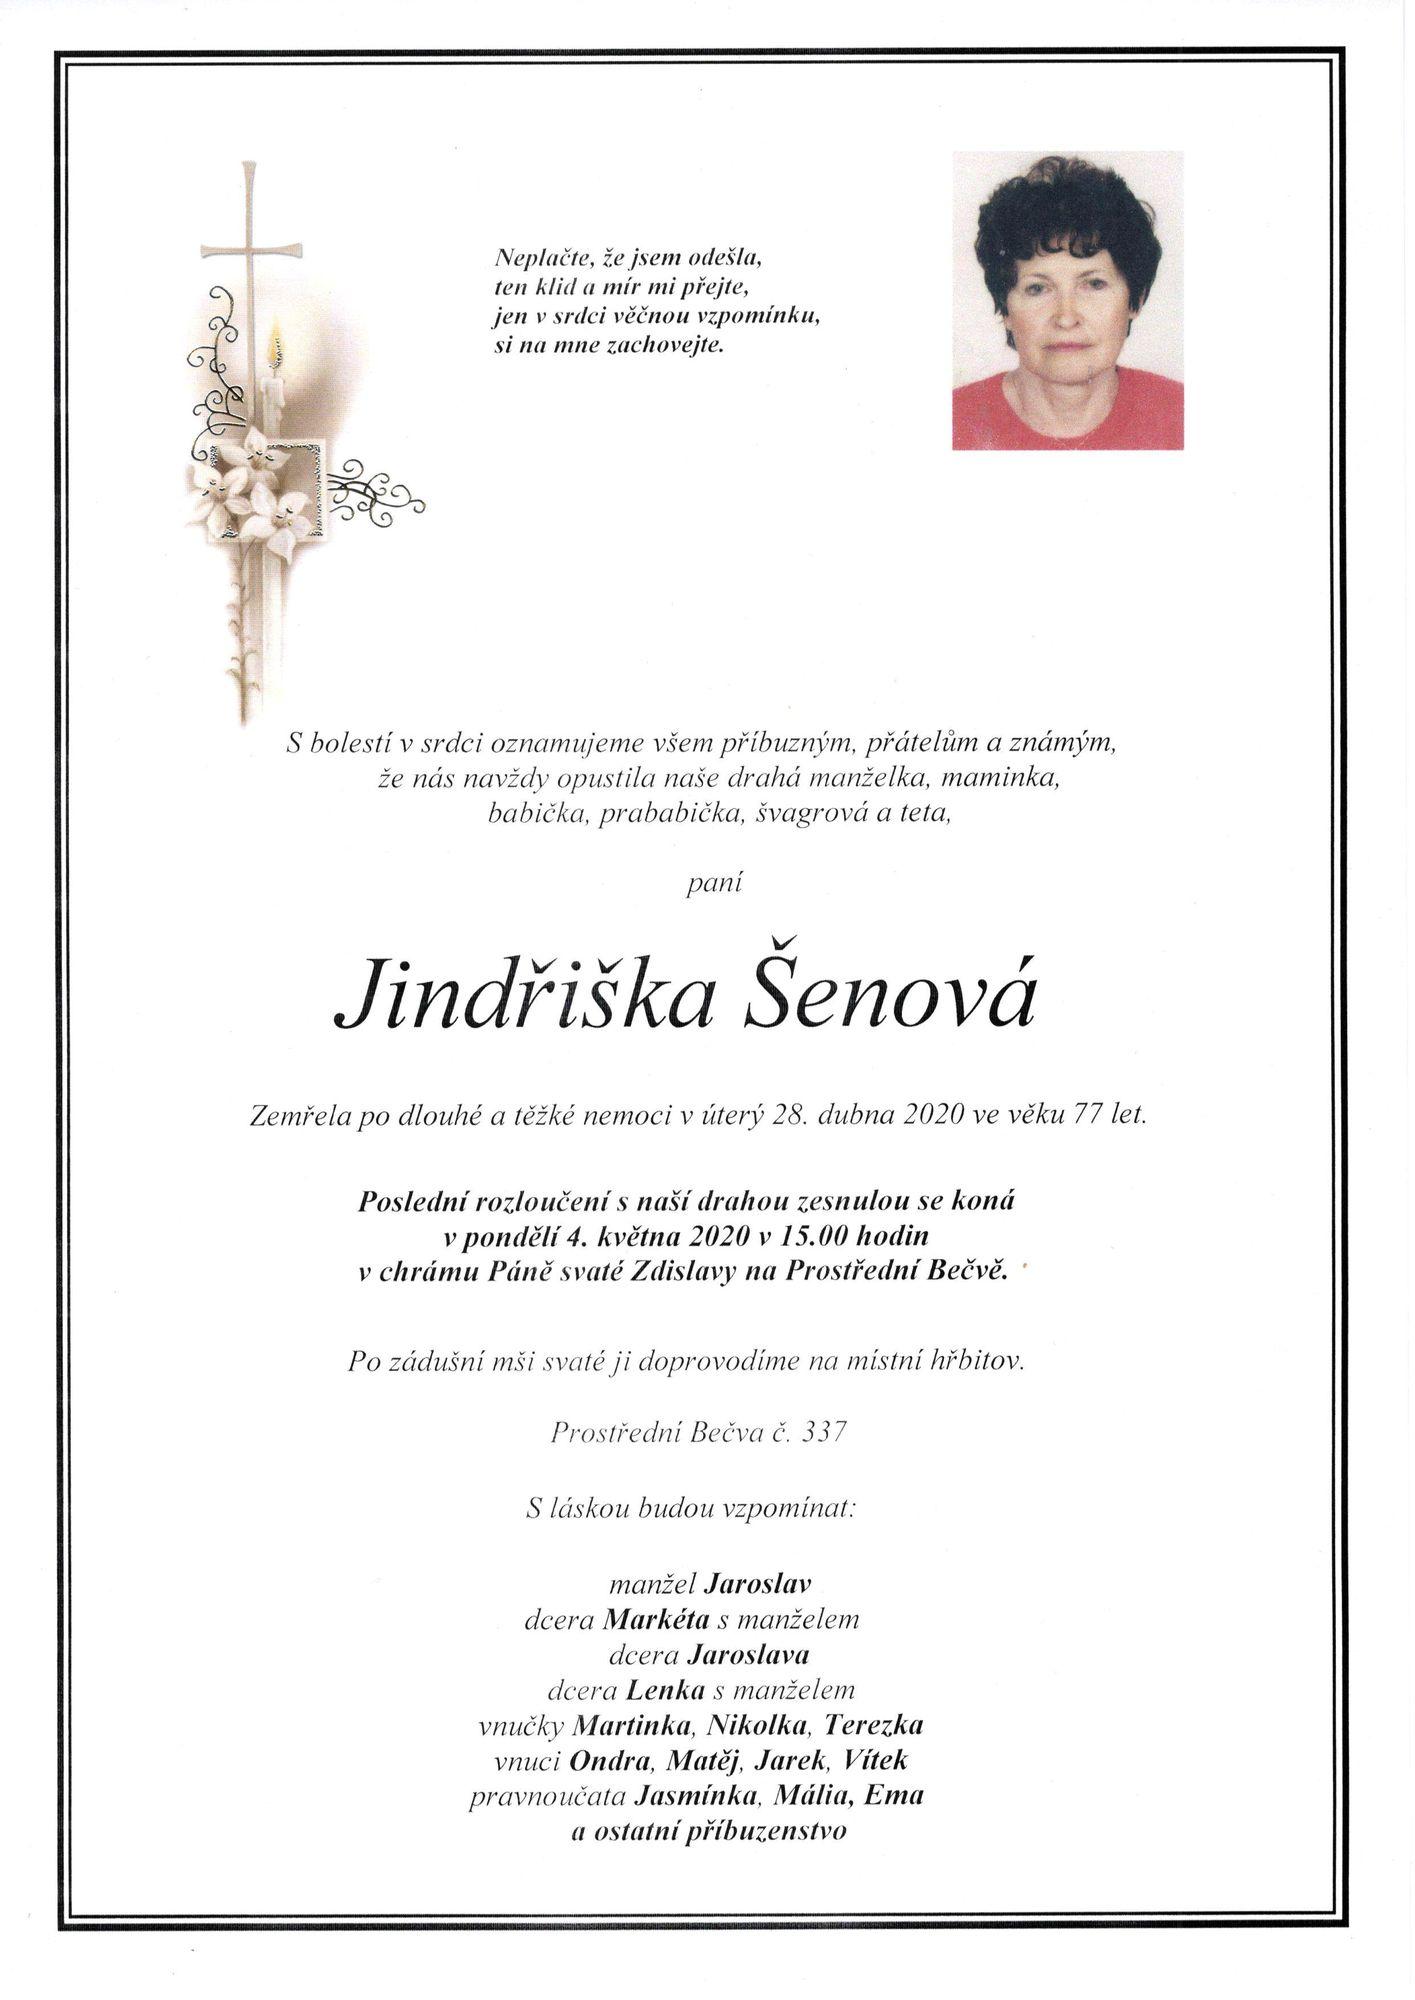 Jindřiška Šenová